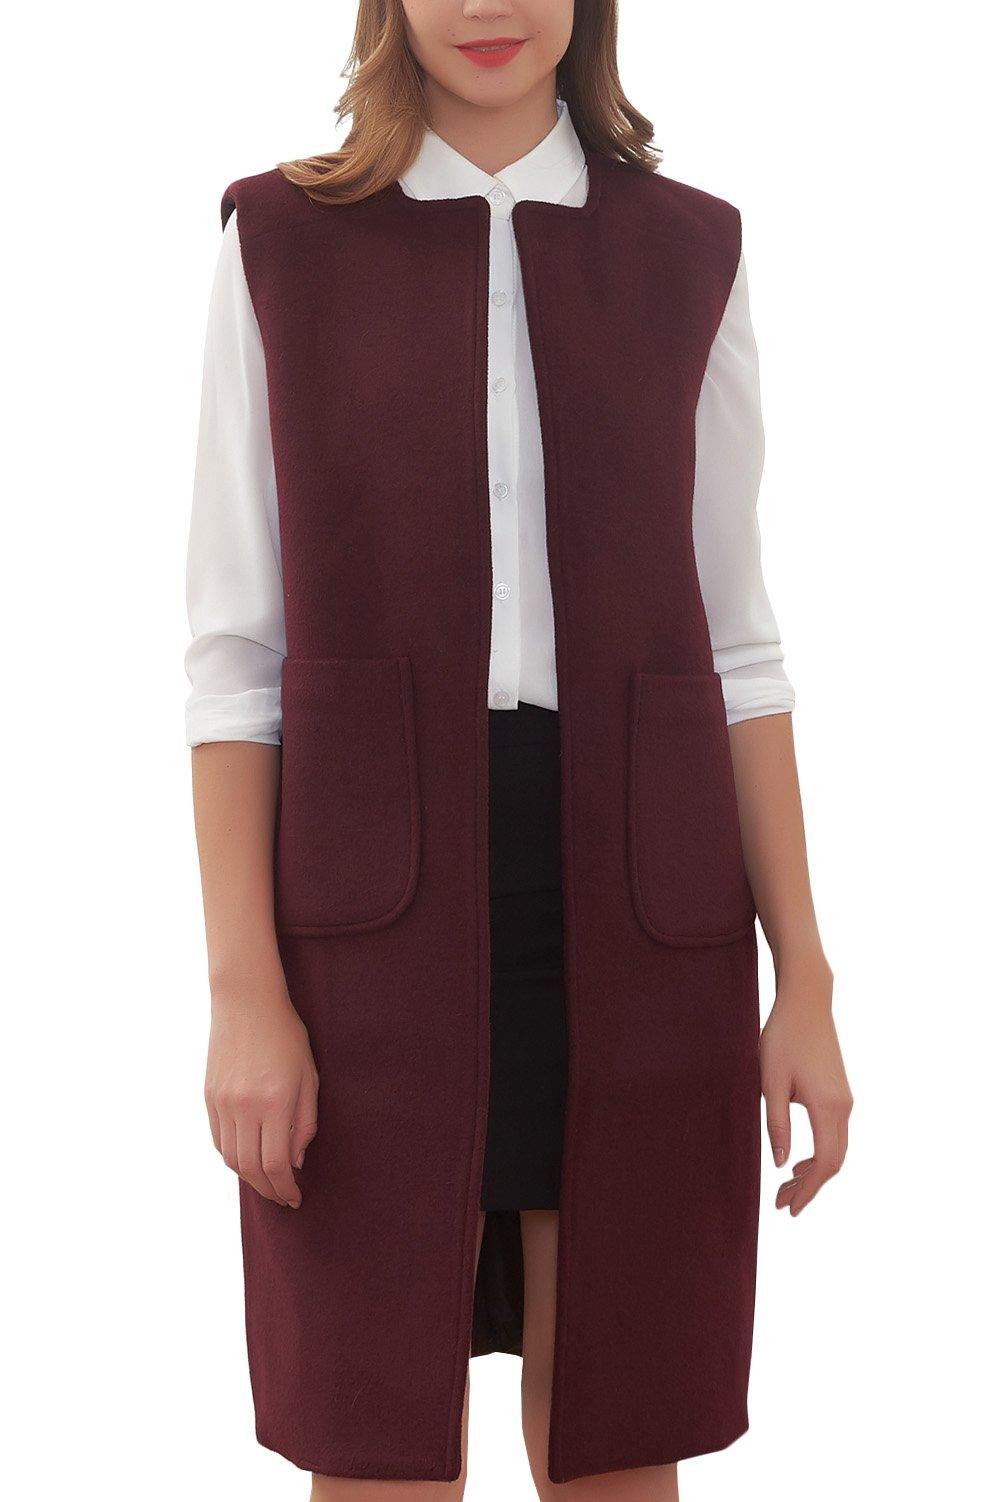 Hanayome Women's Long Jacket Trench Lapel Woolen Coat Sleeveless Dress Vest Coat MI28 (Red, 16W)